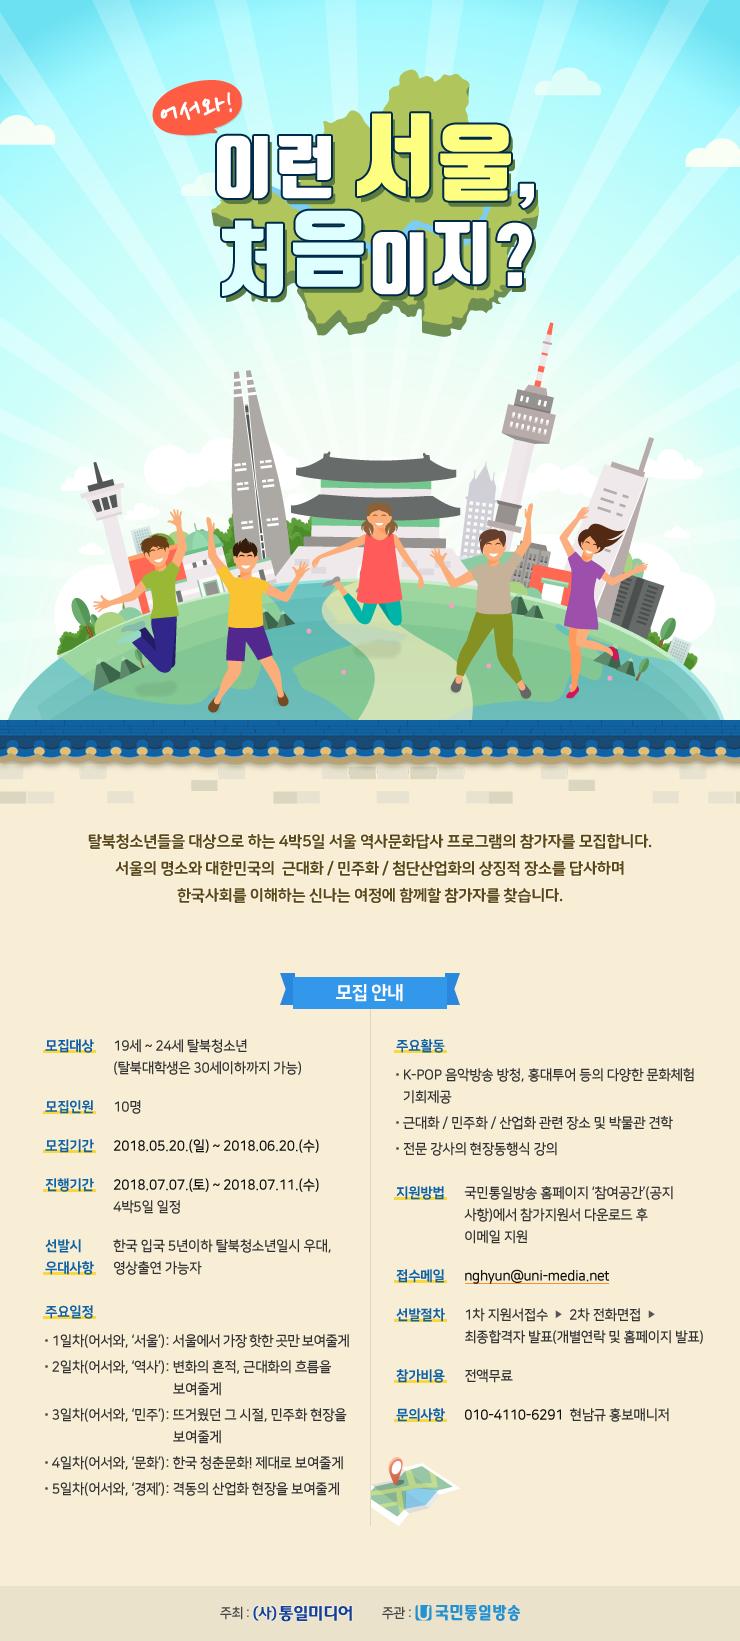 [전액지원] 탈북청소년 서울여행, `어서와. 이런 서울 처음이지?`